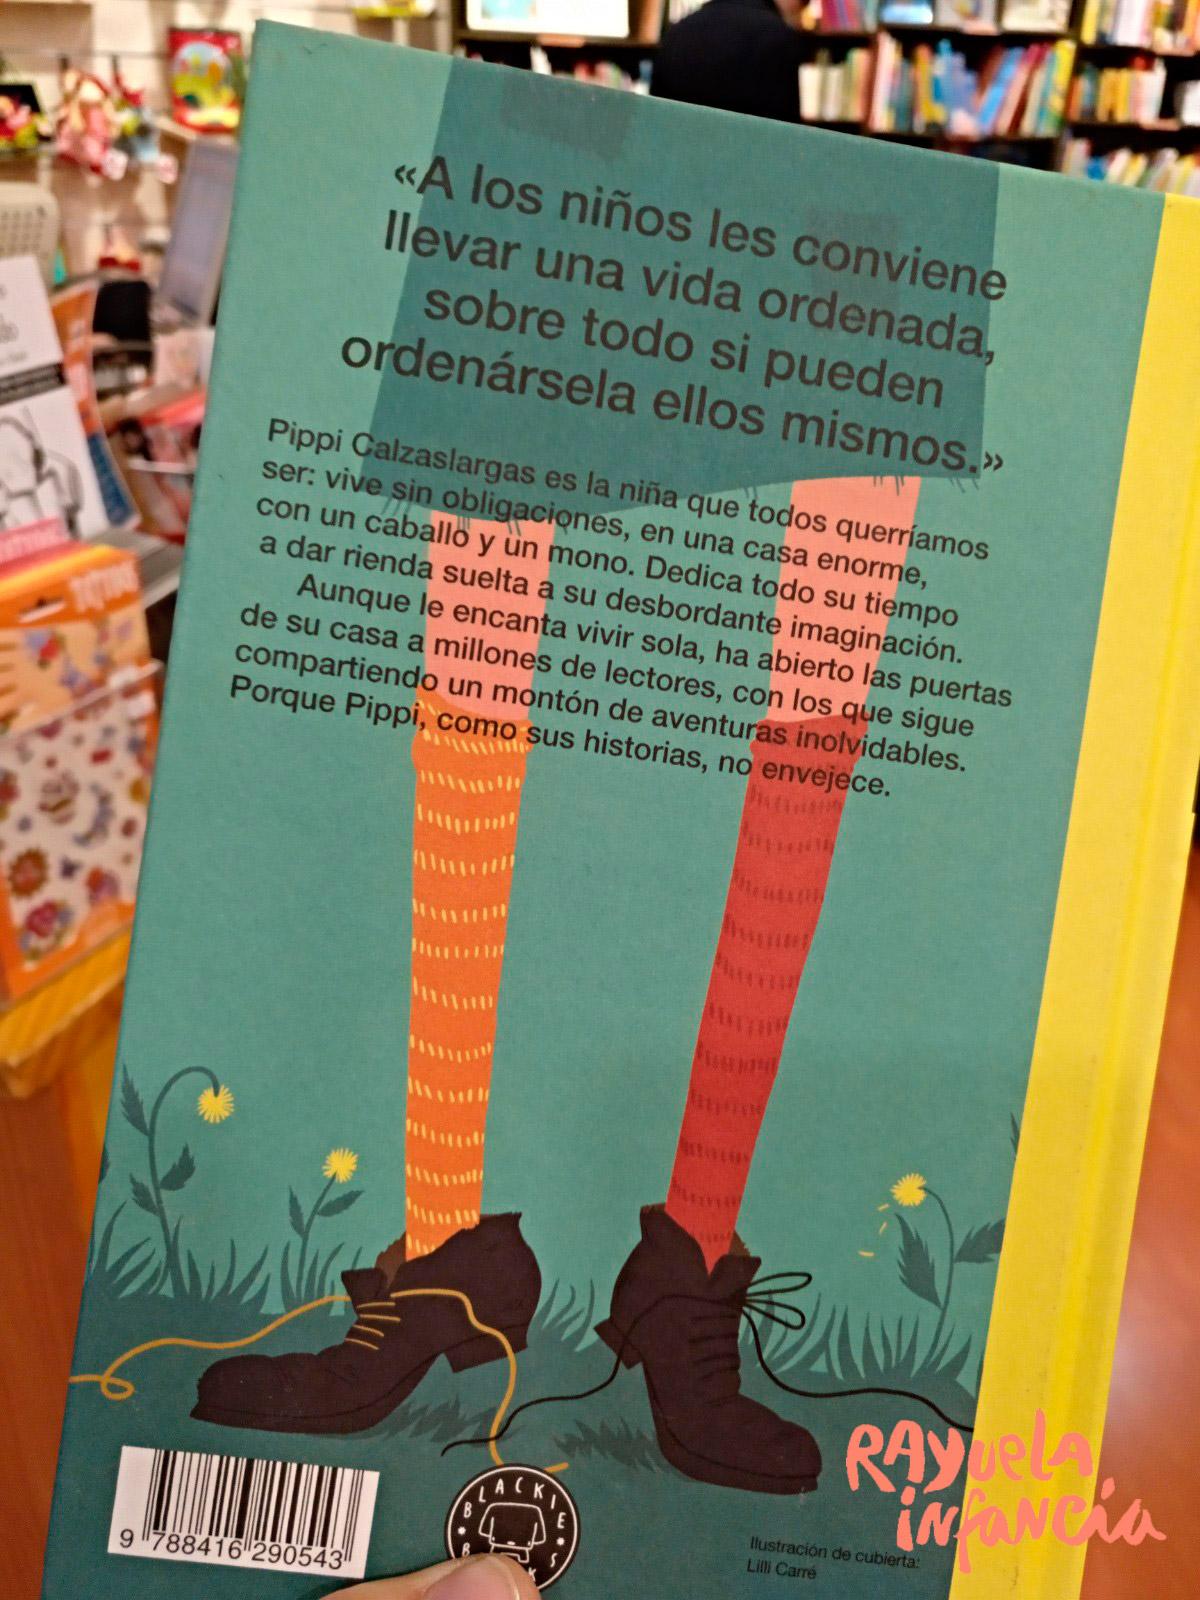 Dejar a Pippi en libertad, libros para la igualdad